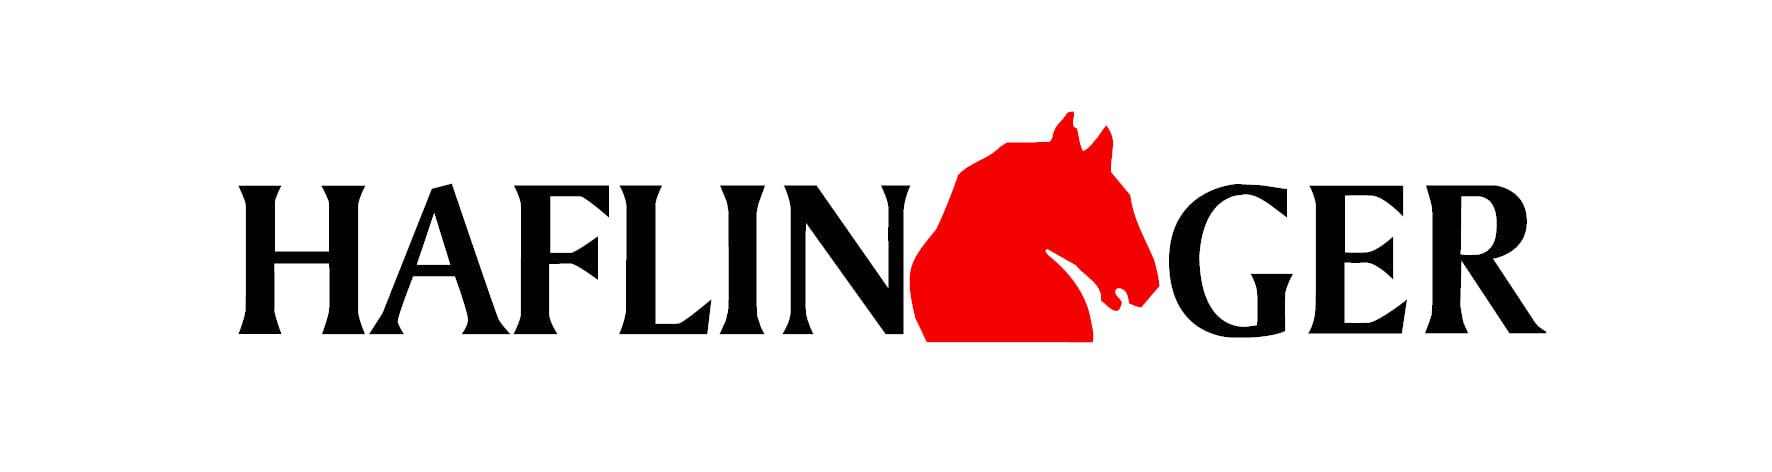 Haflinger brand logo